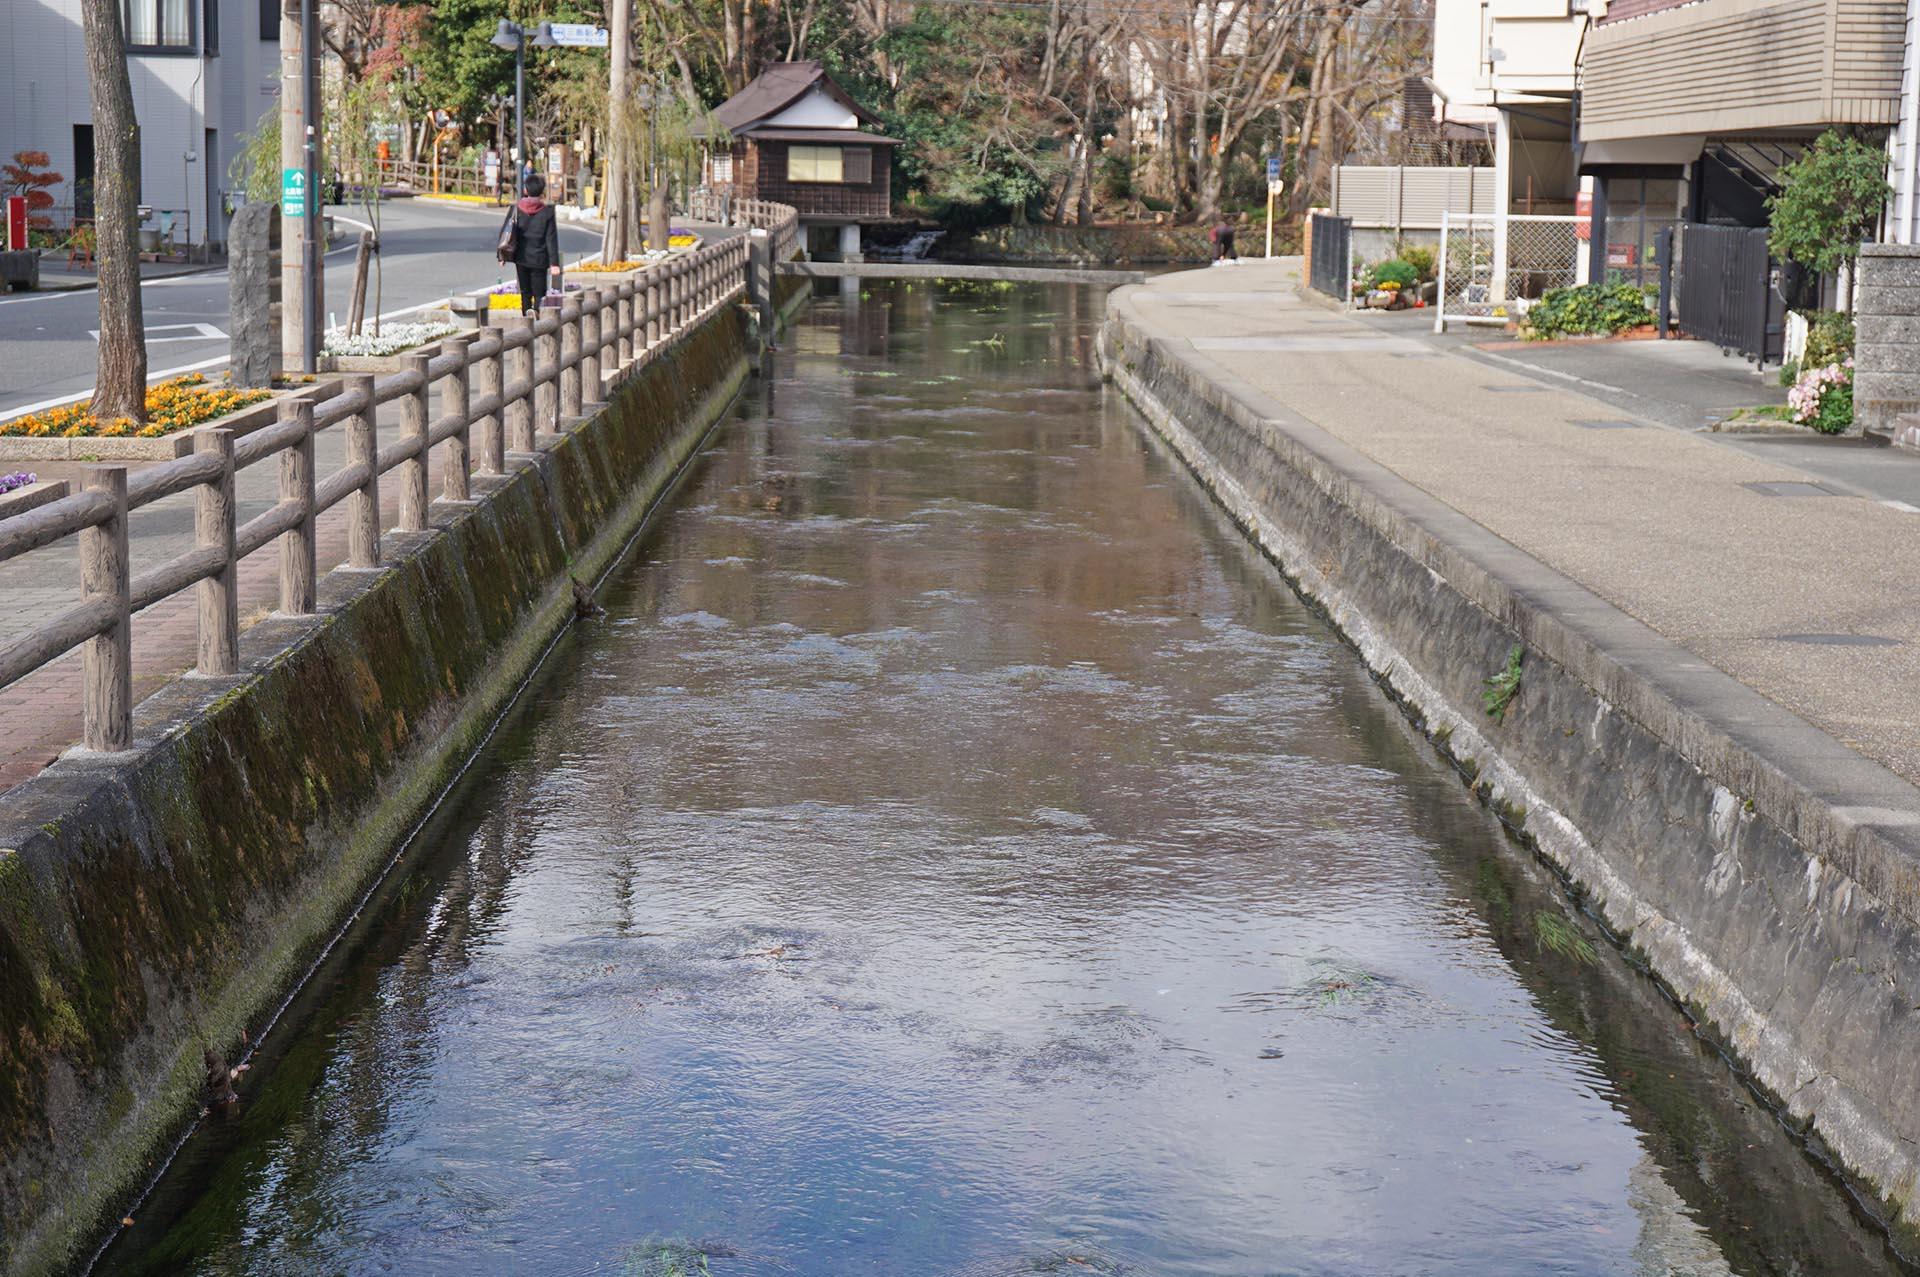 三嶋大社に徒歩で行くときの水路